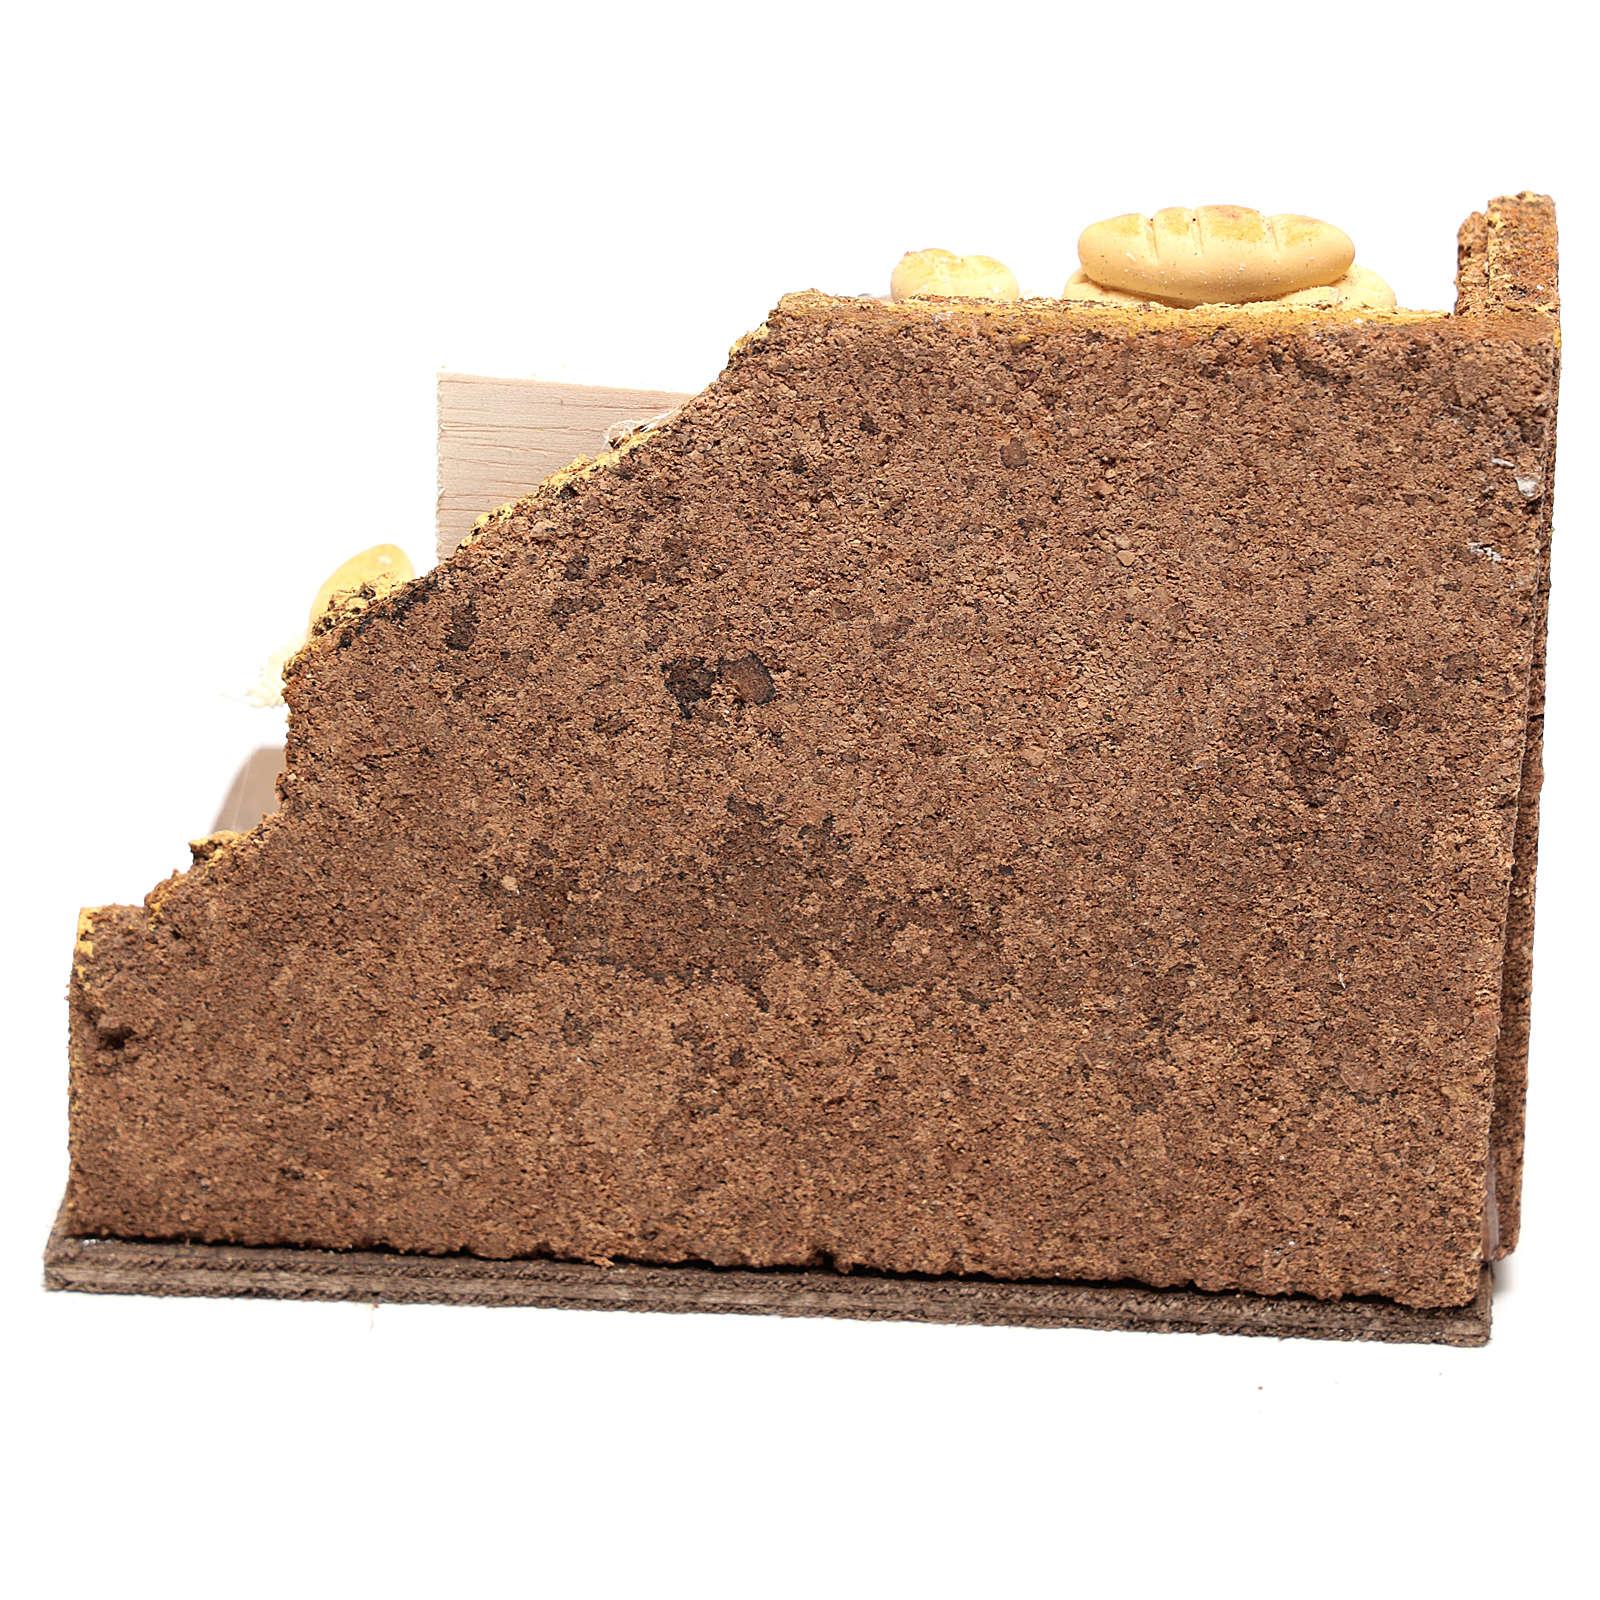 Escena panadero 10x15x10 cm para belén napolitano de 10 cm 4